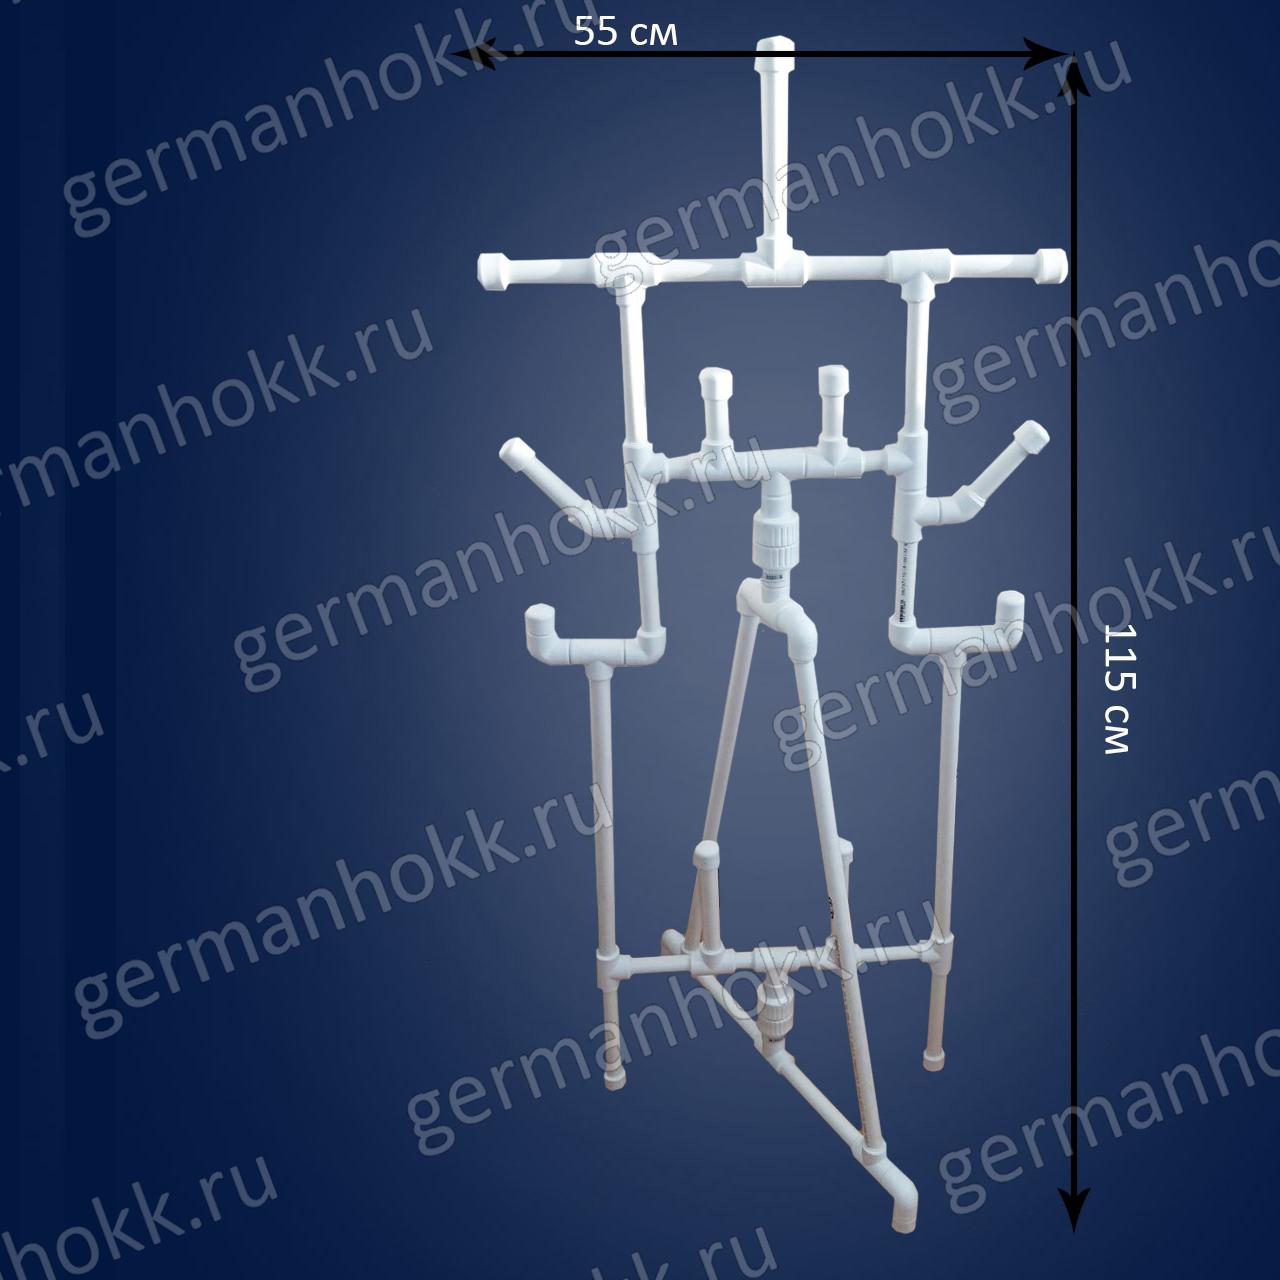 НАПОЛЬНАЯхоккейная сушилкадля домаразмеры 115 см*55 смвес 1,8 кгПП труба 20 ммгарантия 10 лет